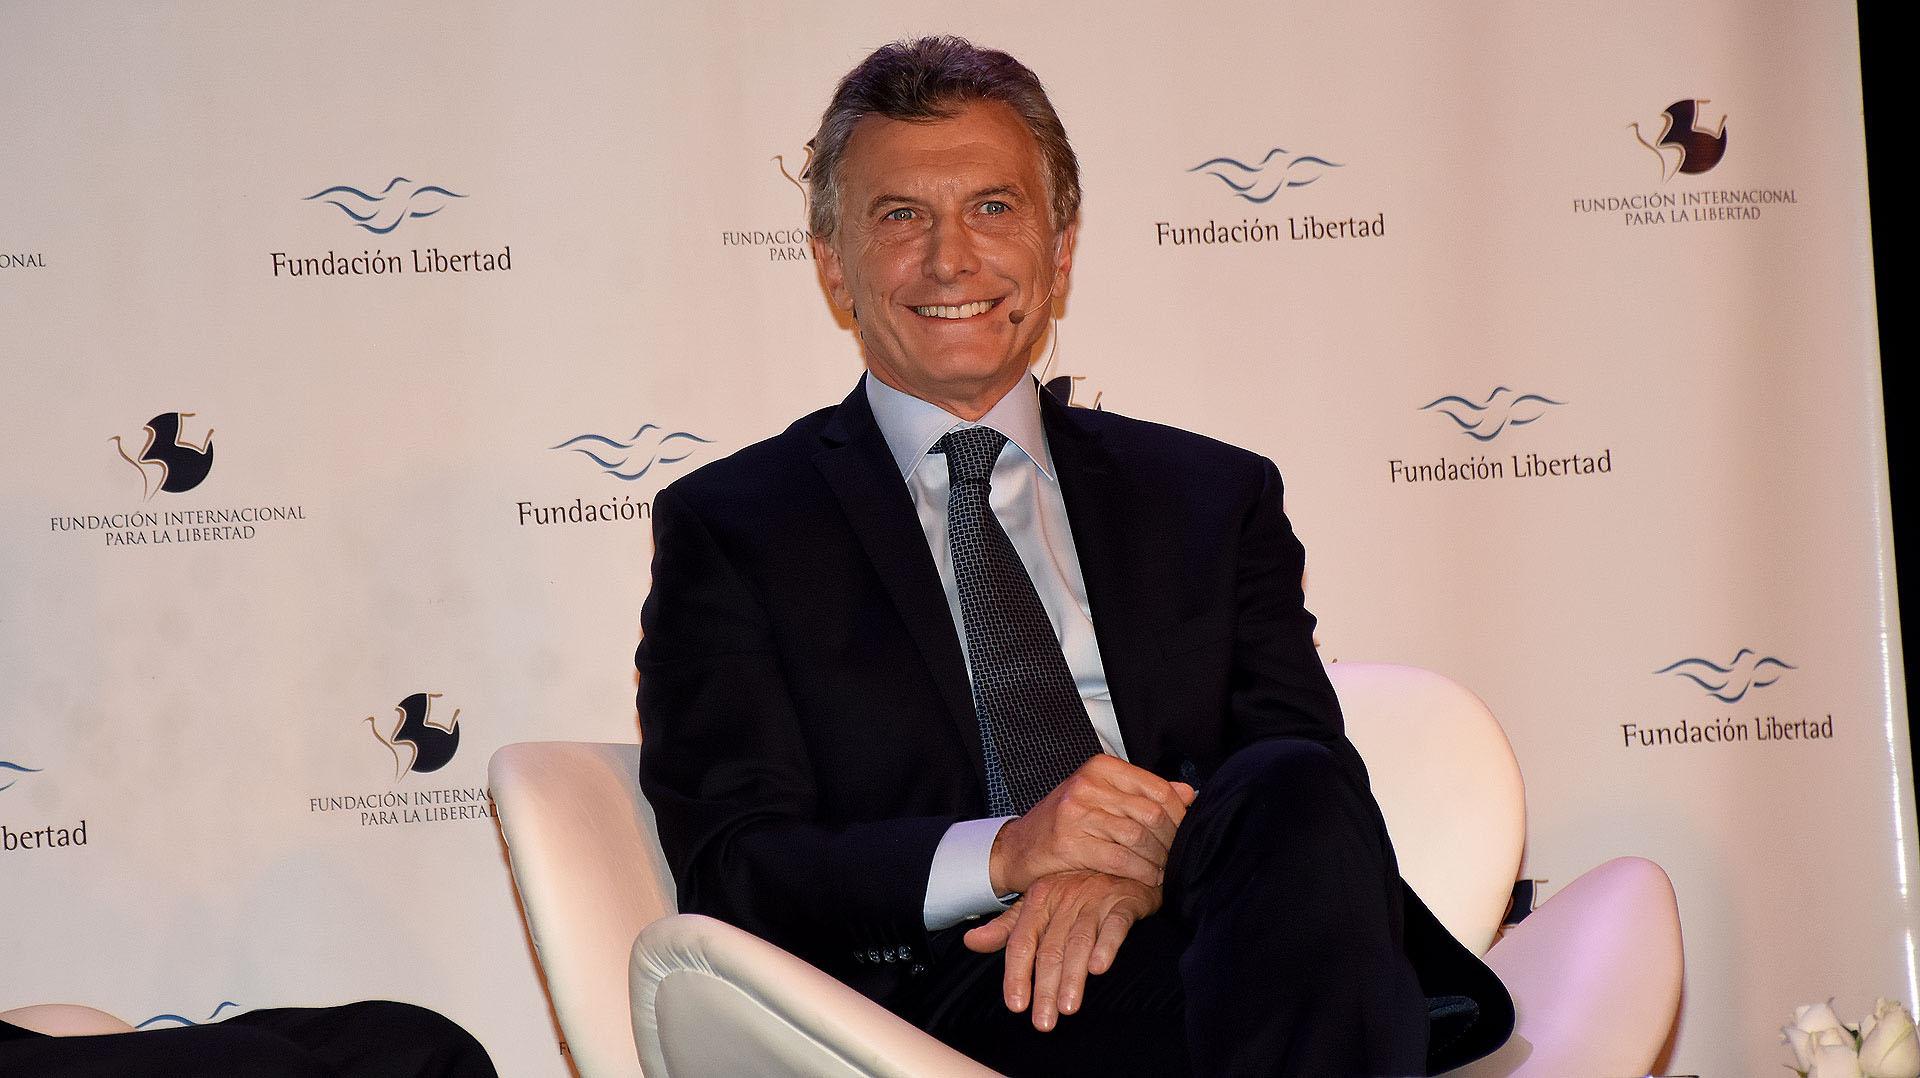 En esta ocasión disertaron, como invitados de honor el presidente Mauricio Macri y el secretario general de la OEA, Luis Almagro. Con la intención de repensar el futuro de Argentina, reflexionaron acerca de los valores de libertad de cara a las próximas elecciones y darán su perspectiva enmarcada en este contexto